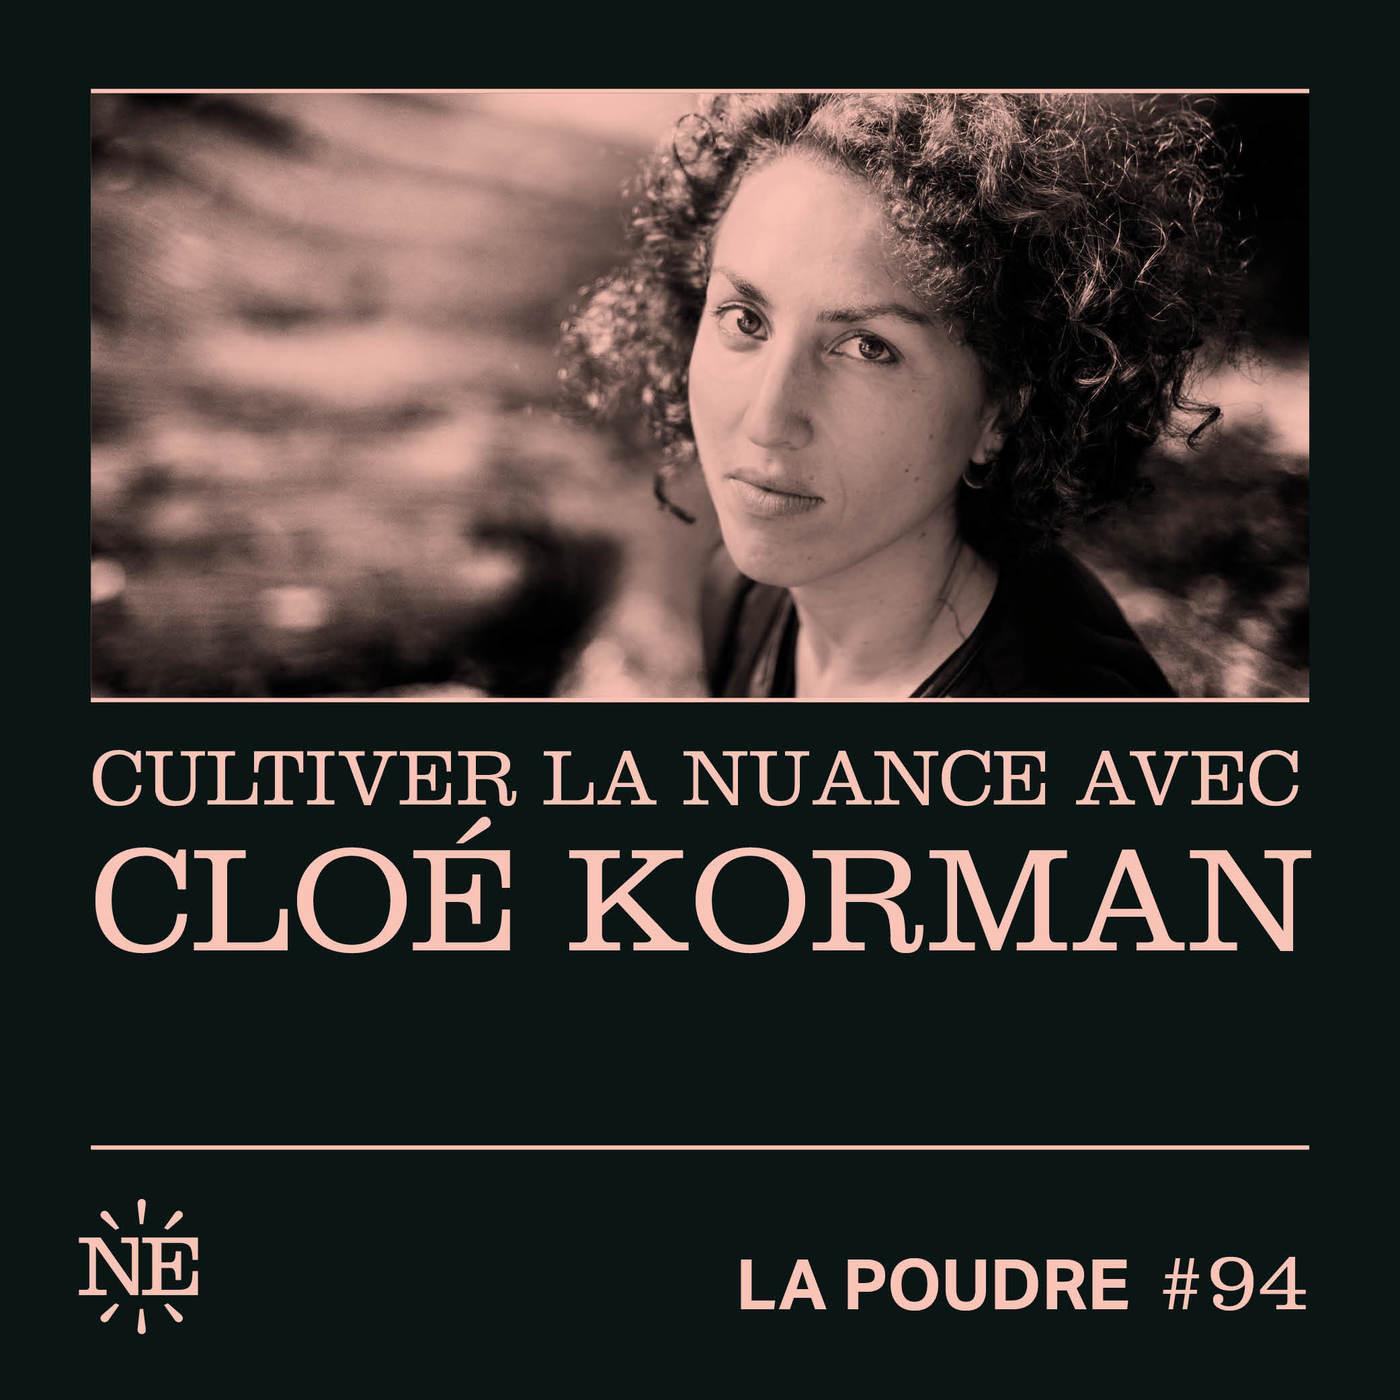 Épisode 94 - Cultiver la nuance avec Cloé Korman